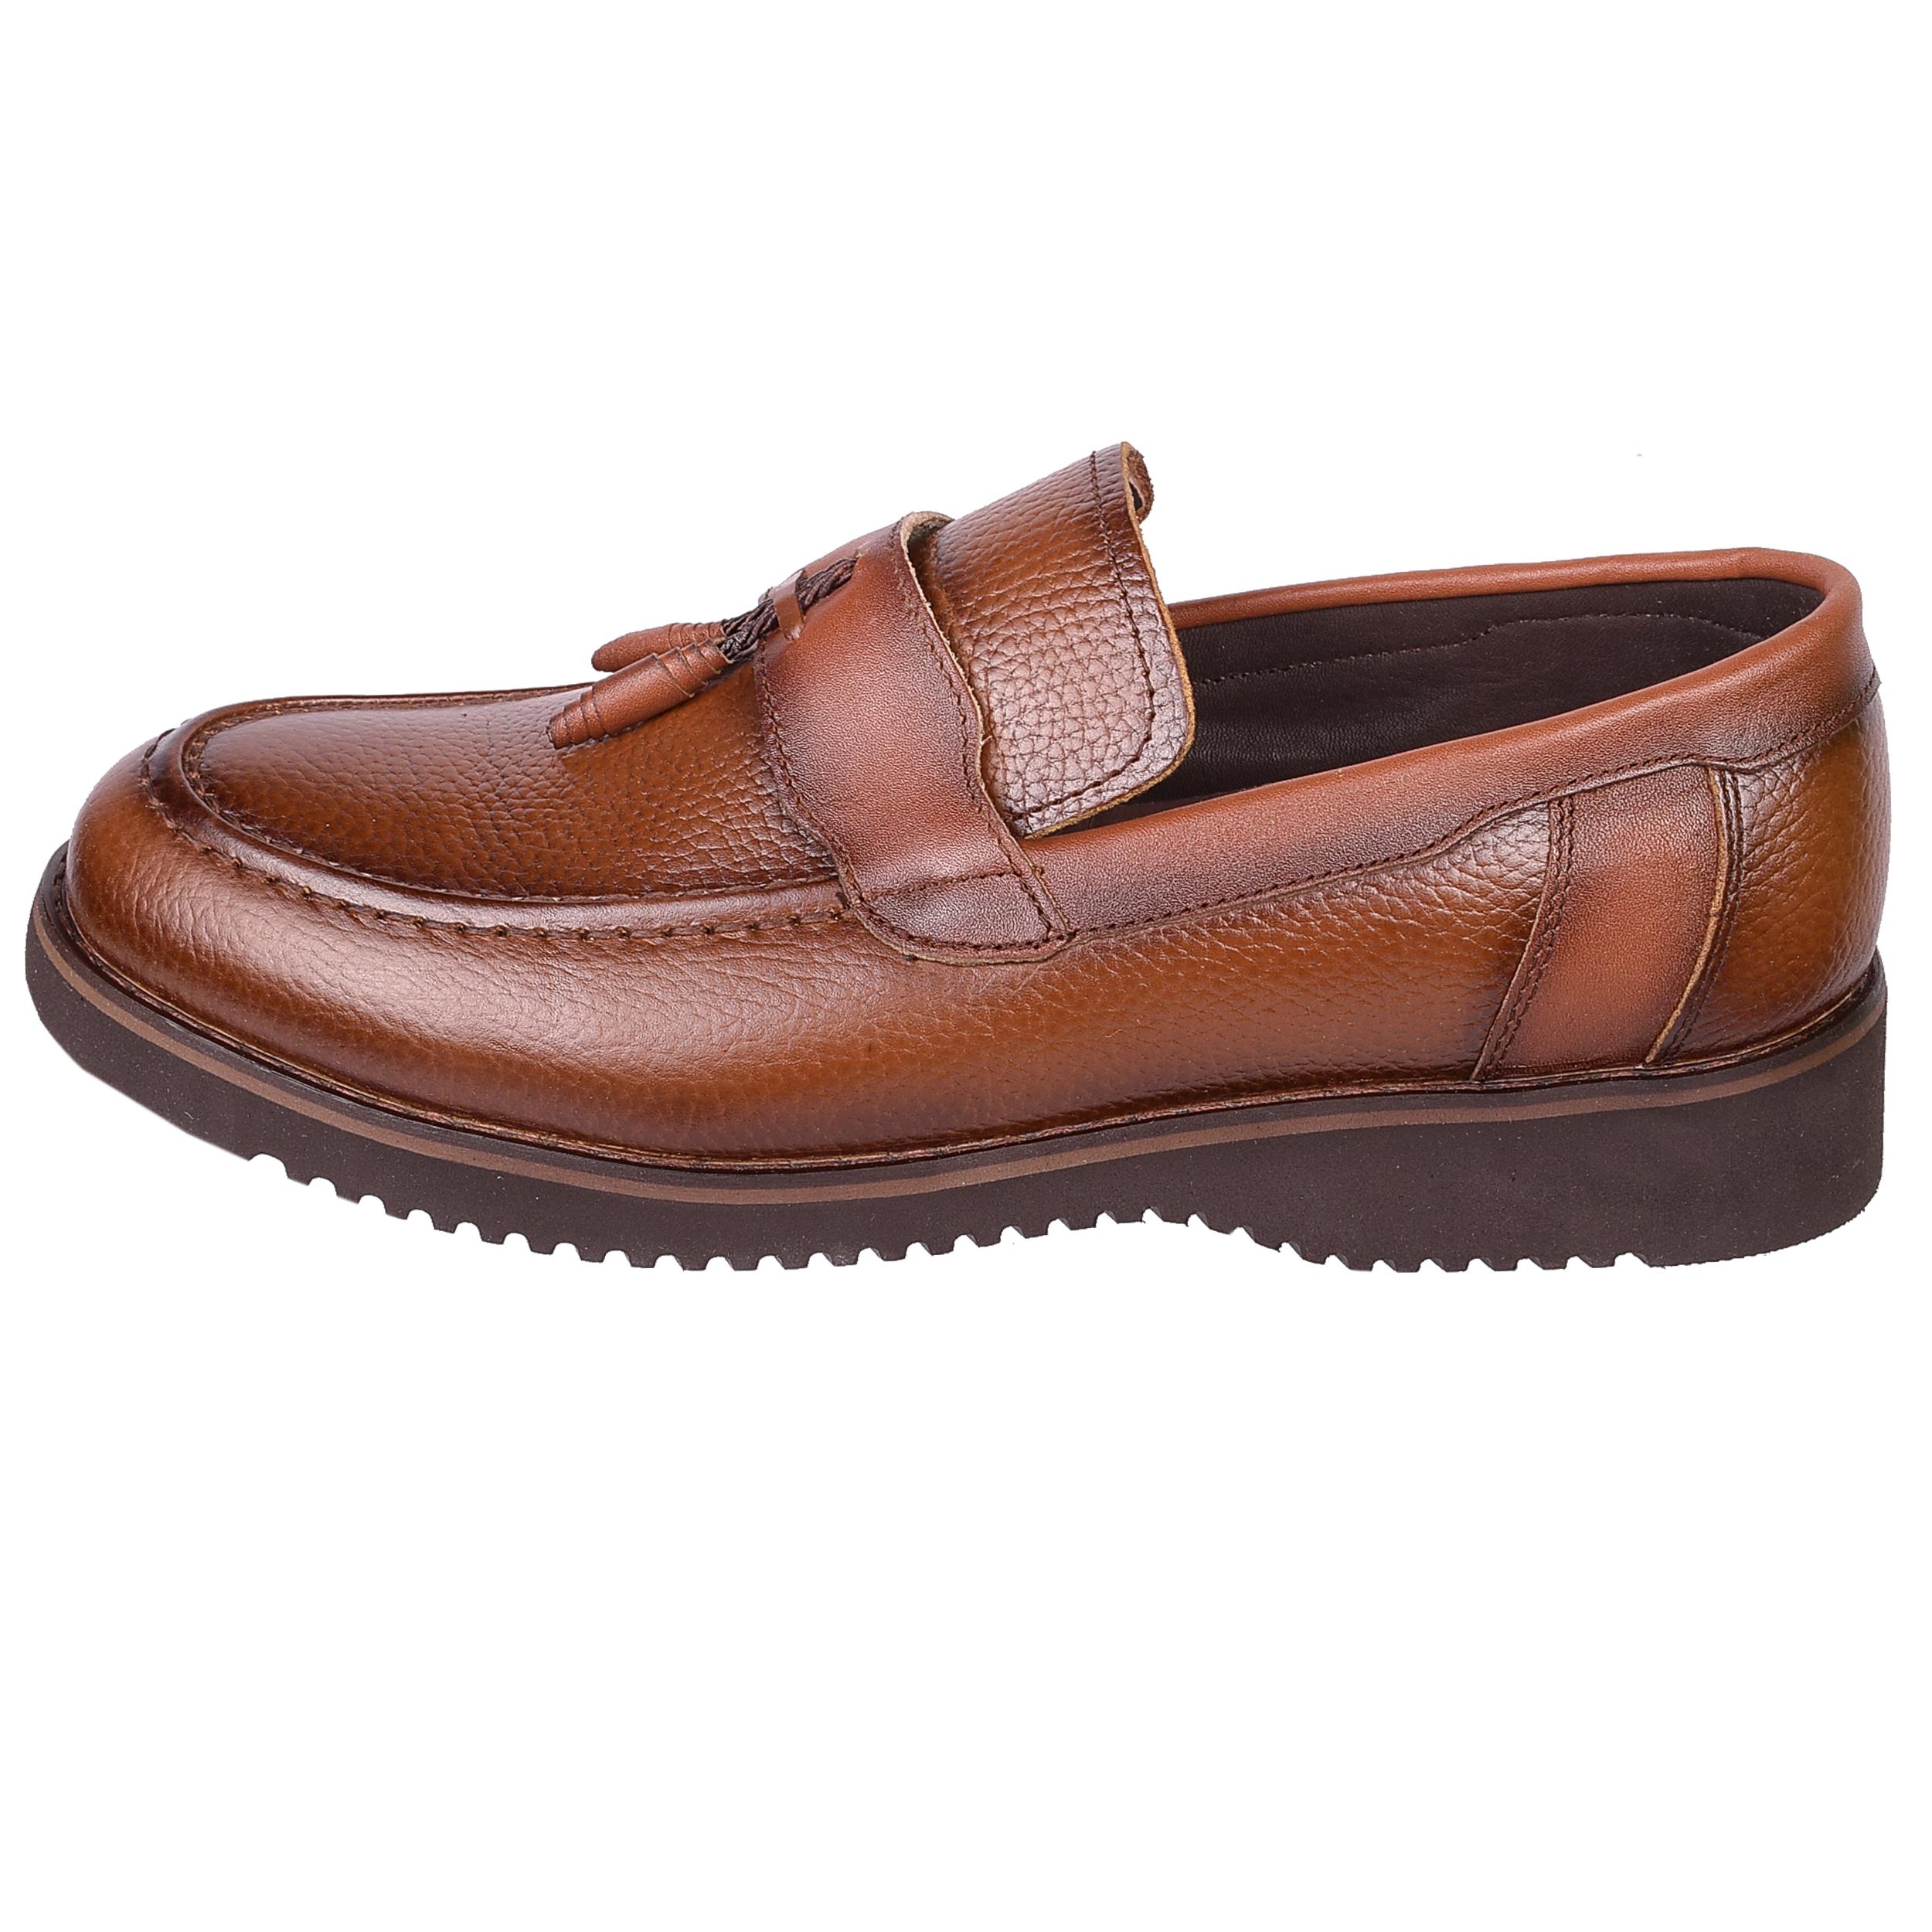 کفش مردانه طاها مدل 1555 رنگ عسلی